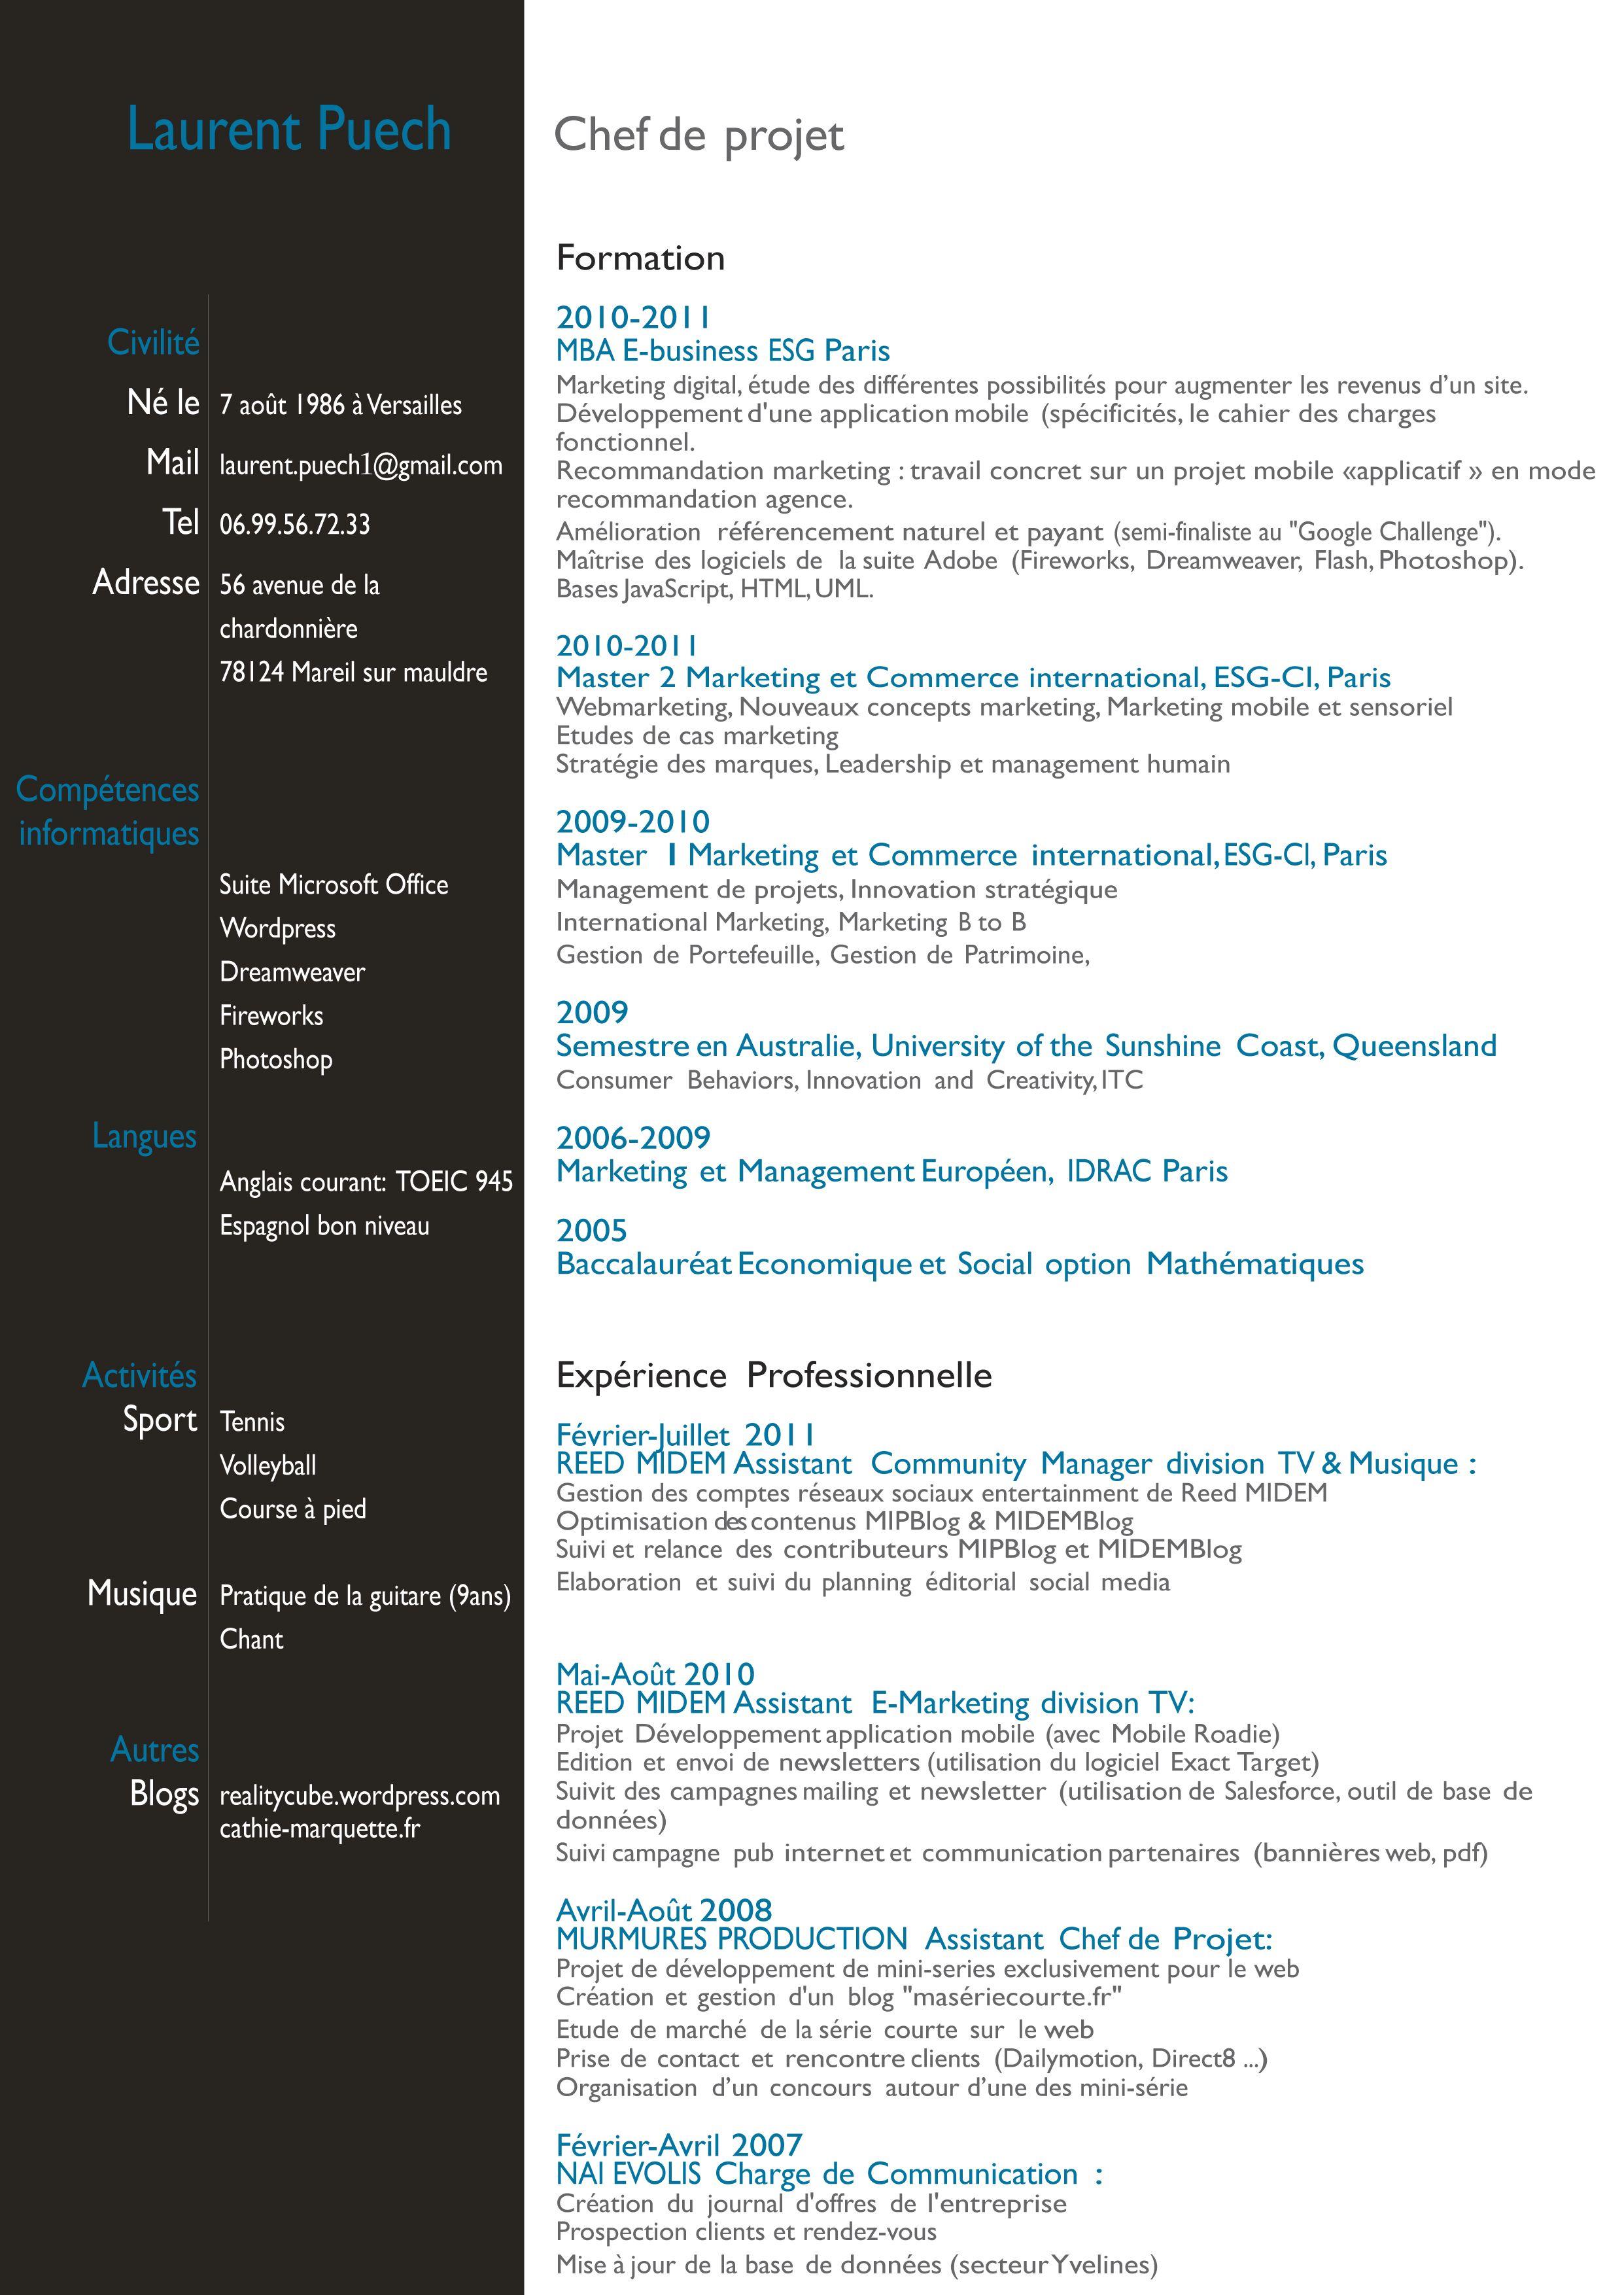 Simple Resume Photoshop Le Cv Travail